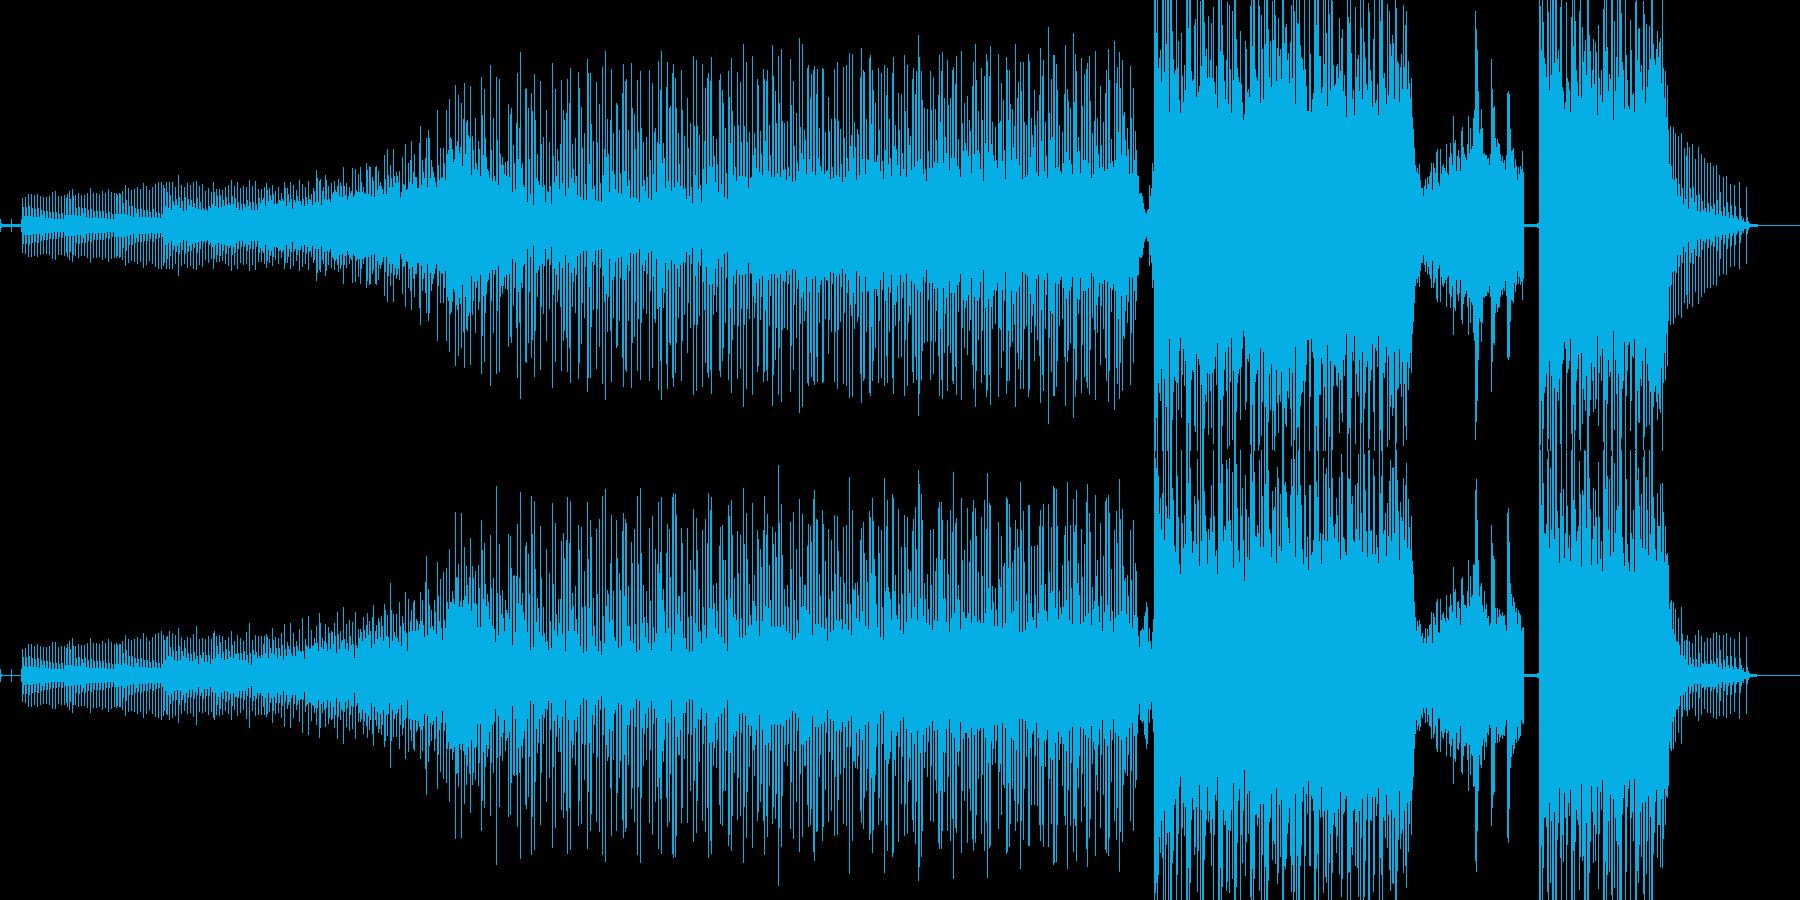 暗闇の恐怖を表現したサウンドの再生済みの波形